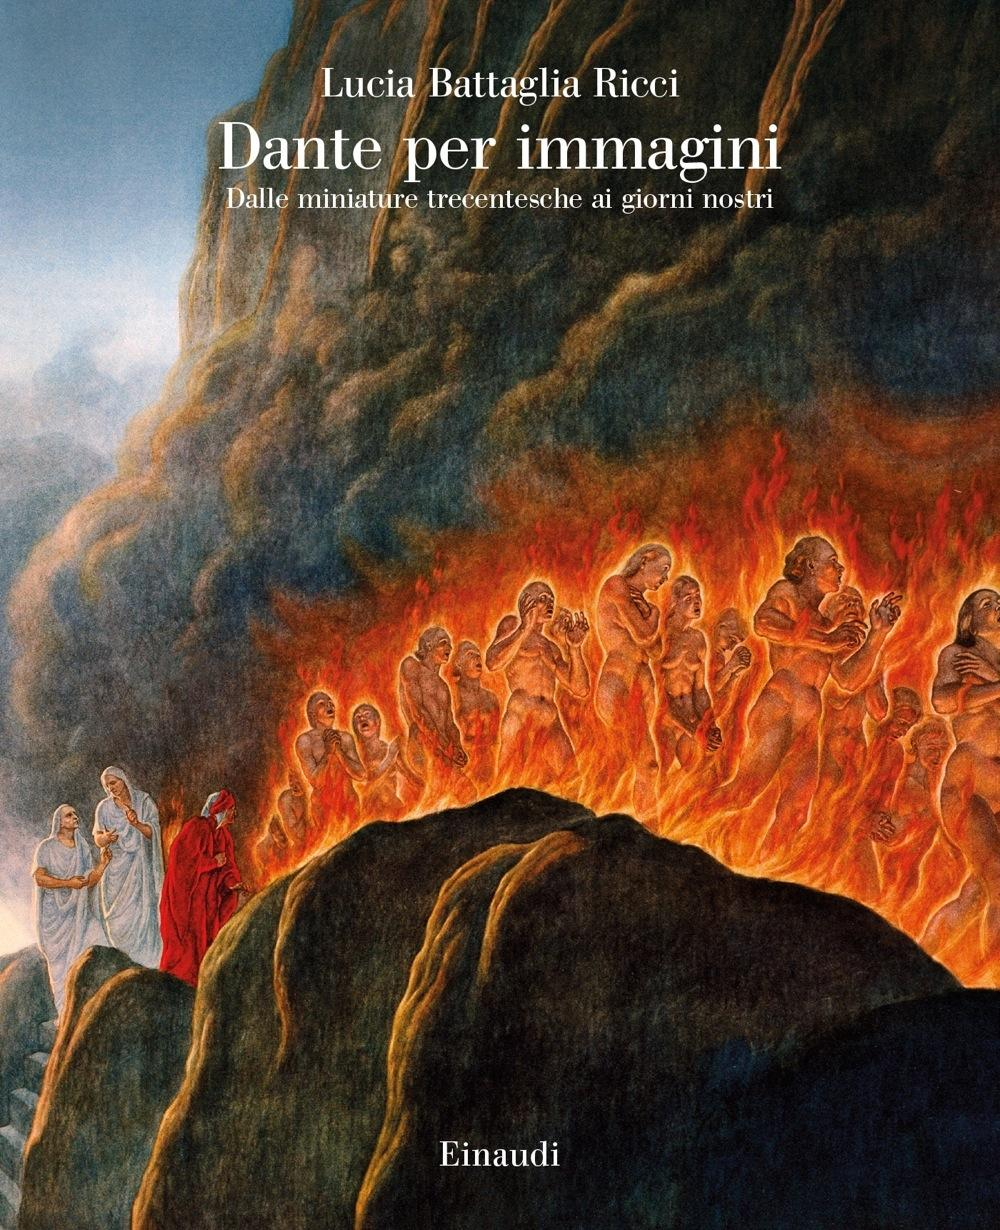 Dante per immagini